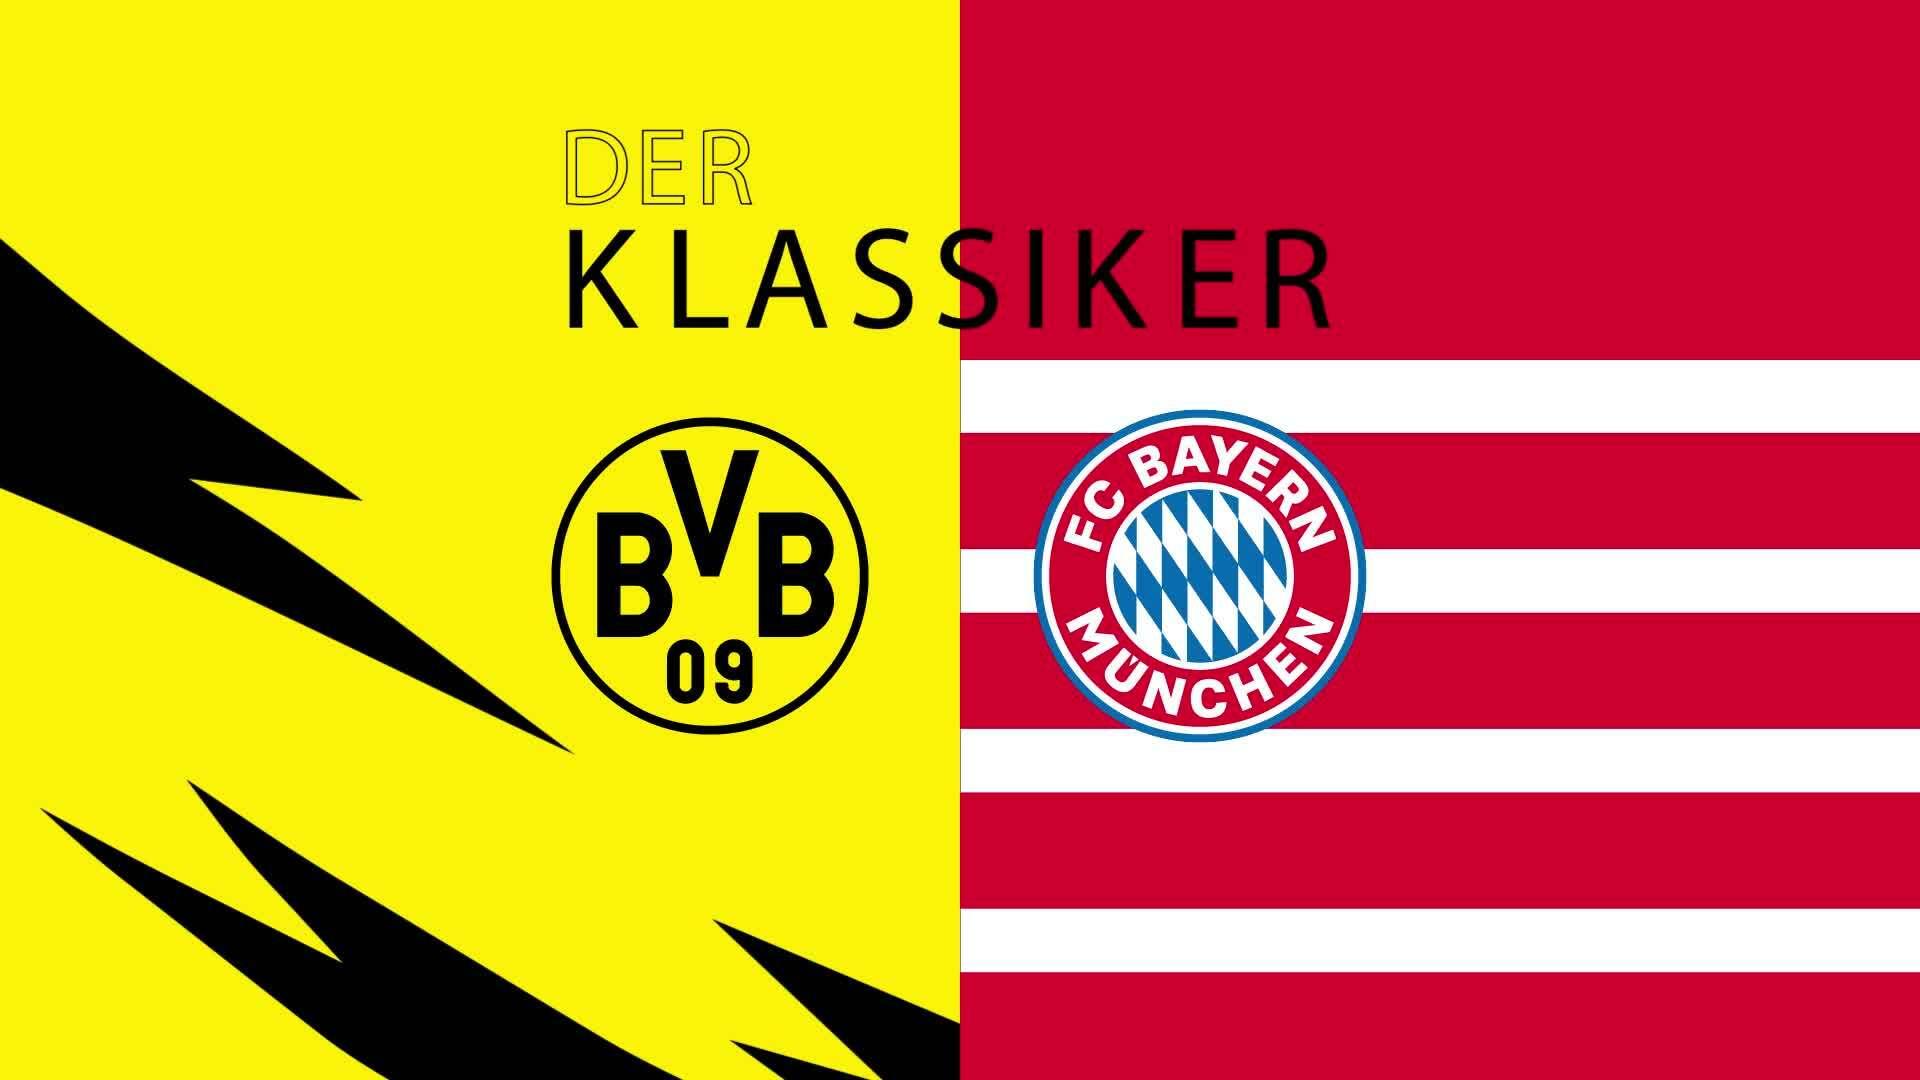 Những bàn thắng đẹp ở Der Klassicer